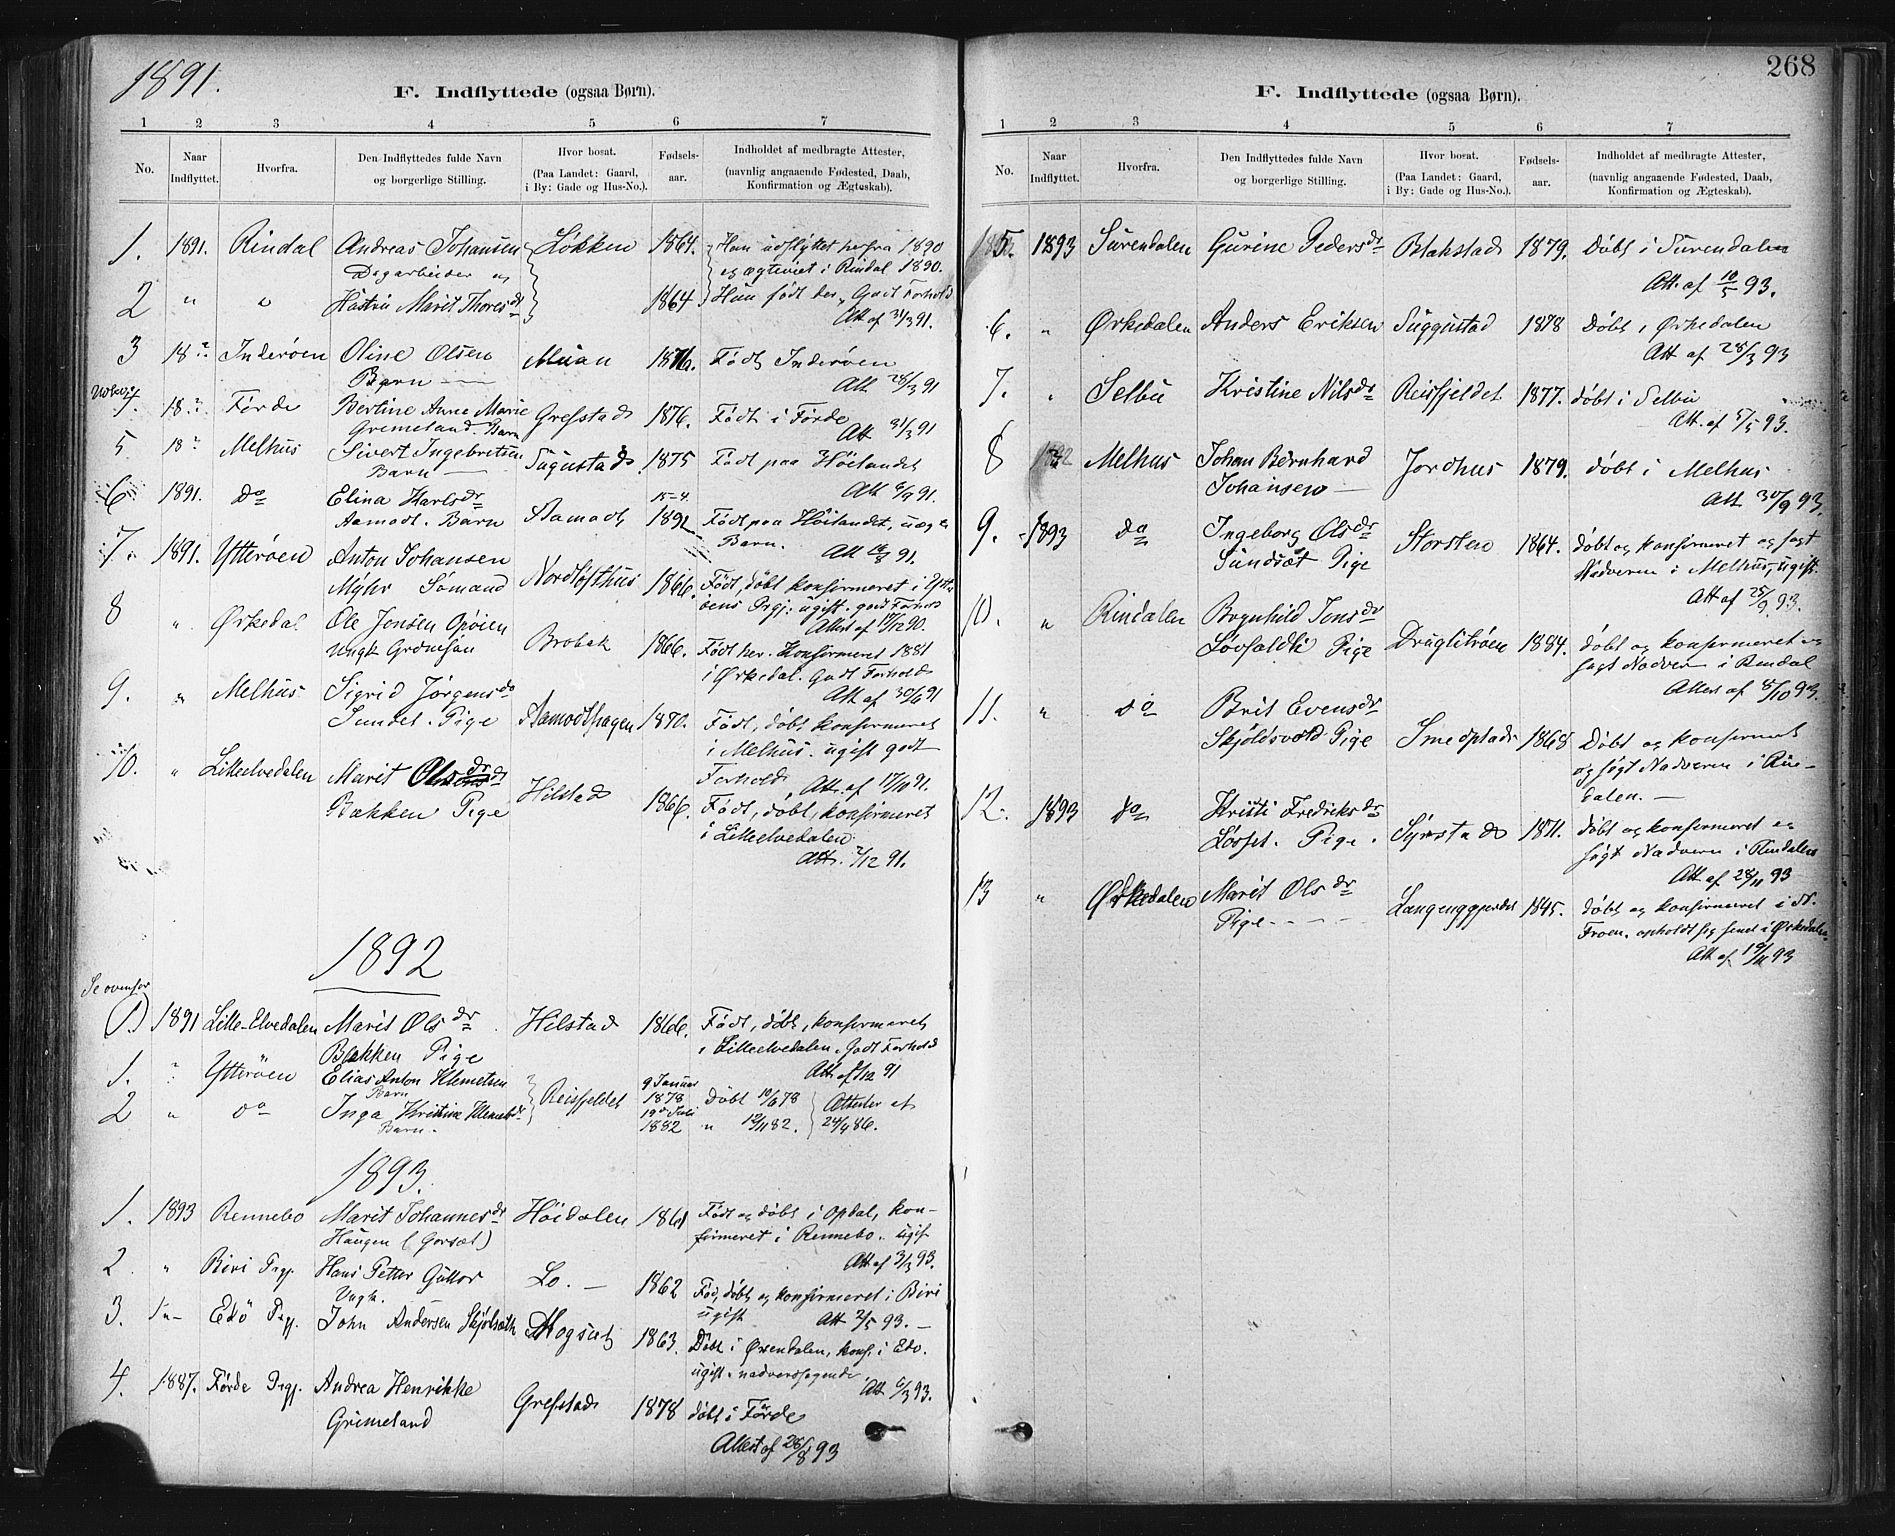 SAT, Ministerialprotokoller, klokkerbøker og fødselsregistre - Sør-Trøndelag, 672/L0857: Ministerialbok nr. 672A09, 1882-1893, s. 268